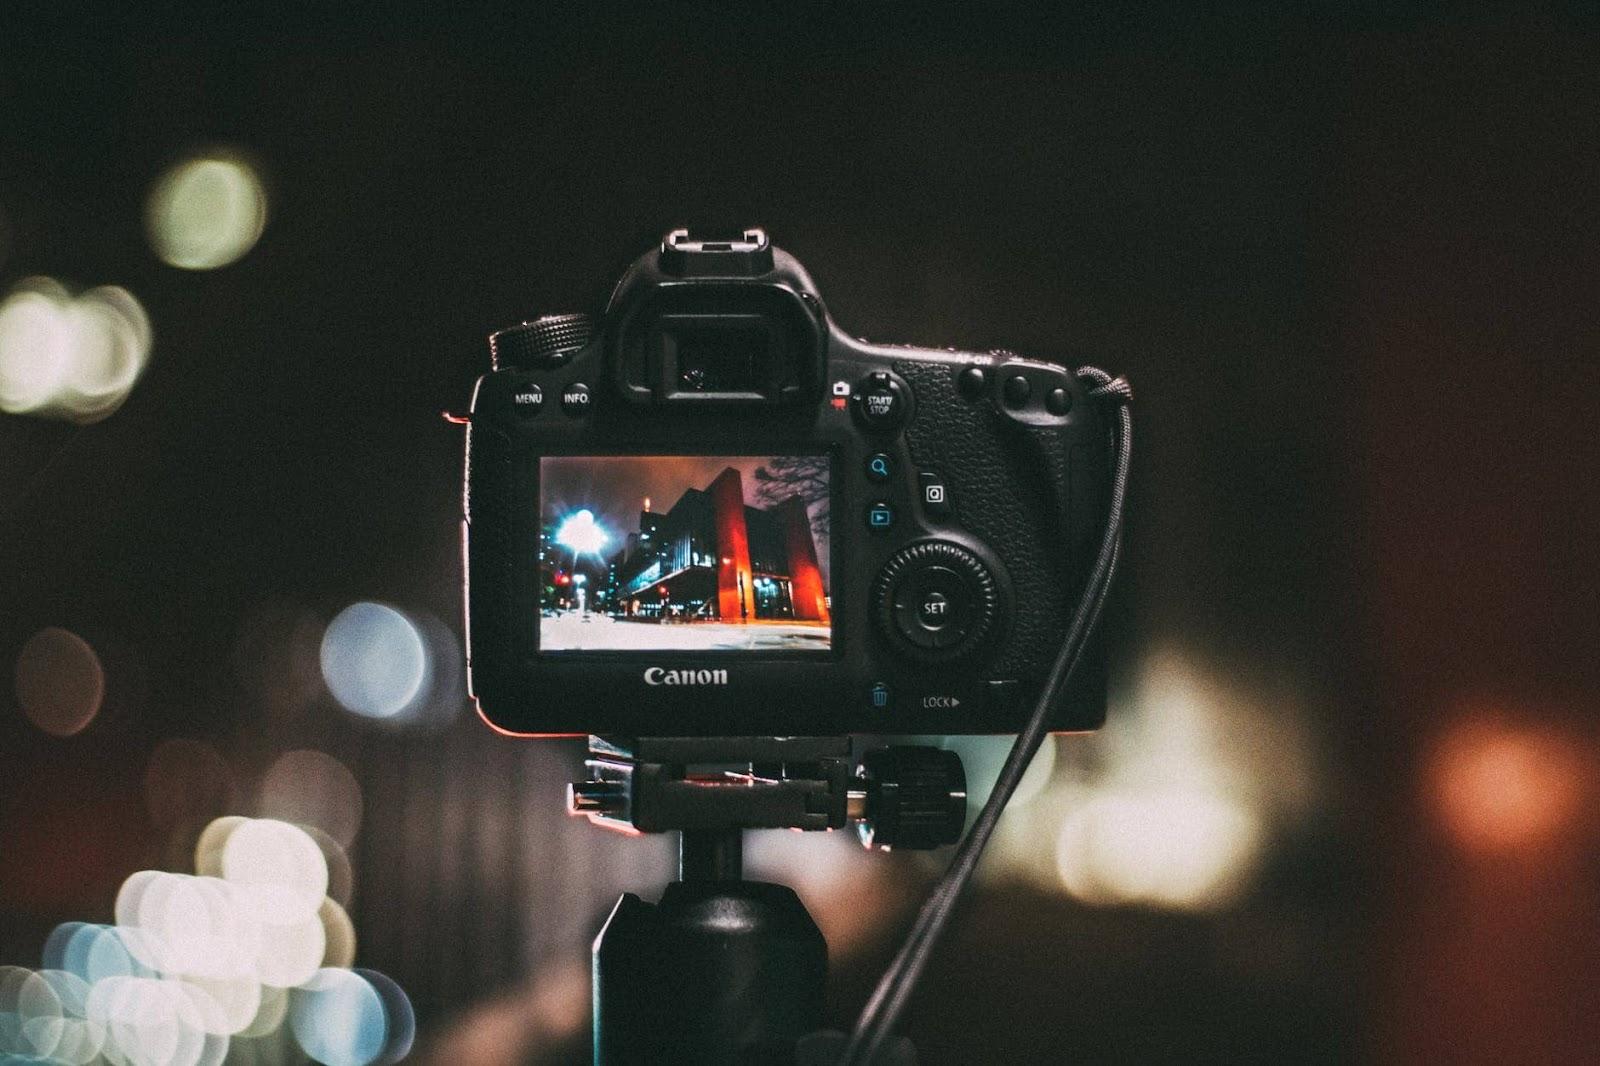 macchinetta-fotografica-canon